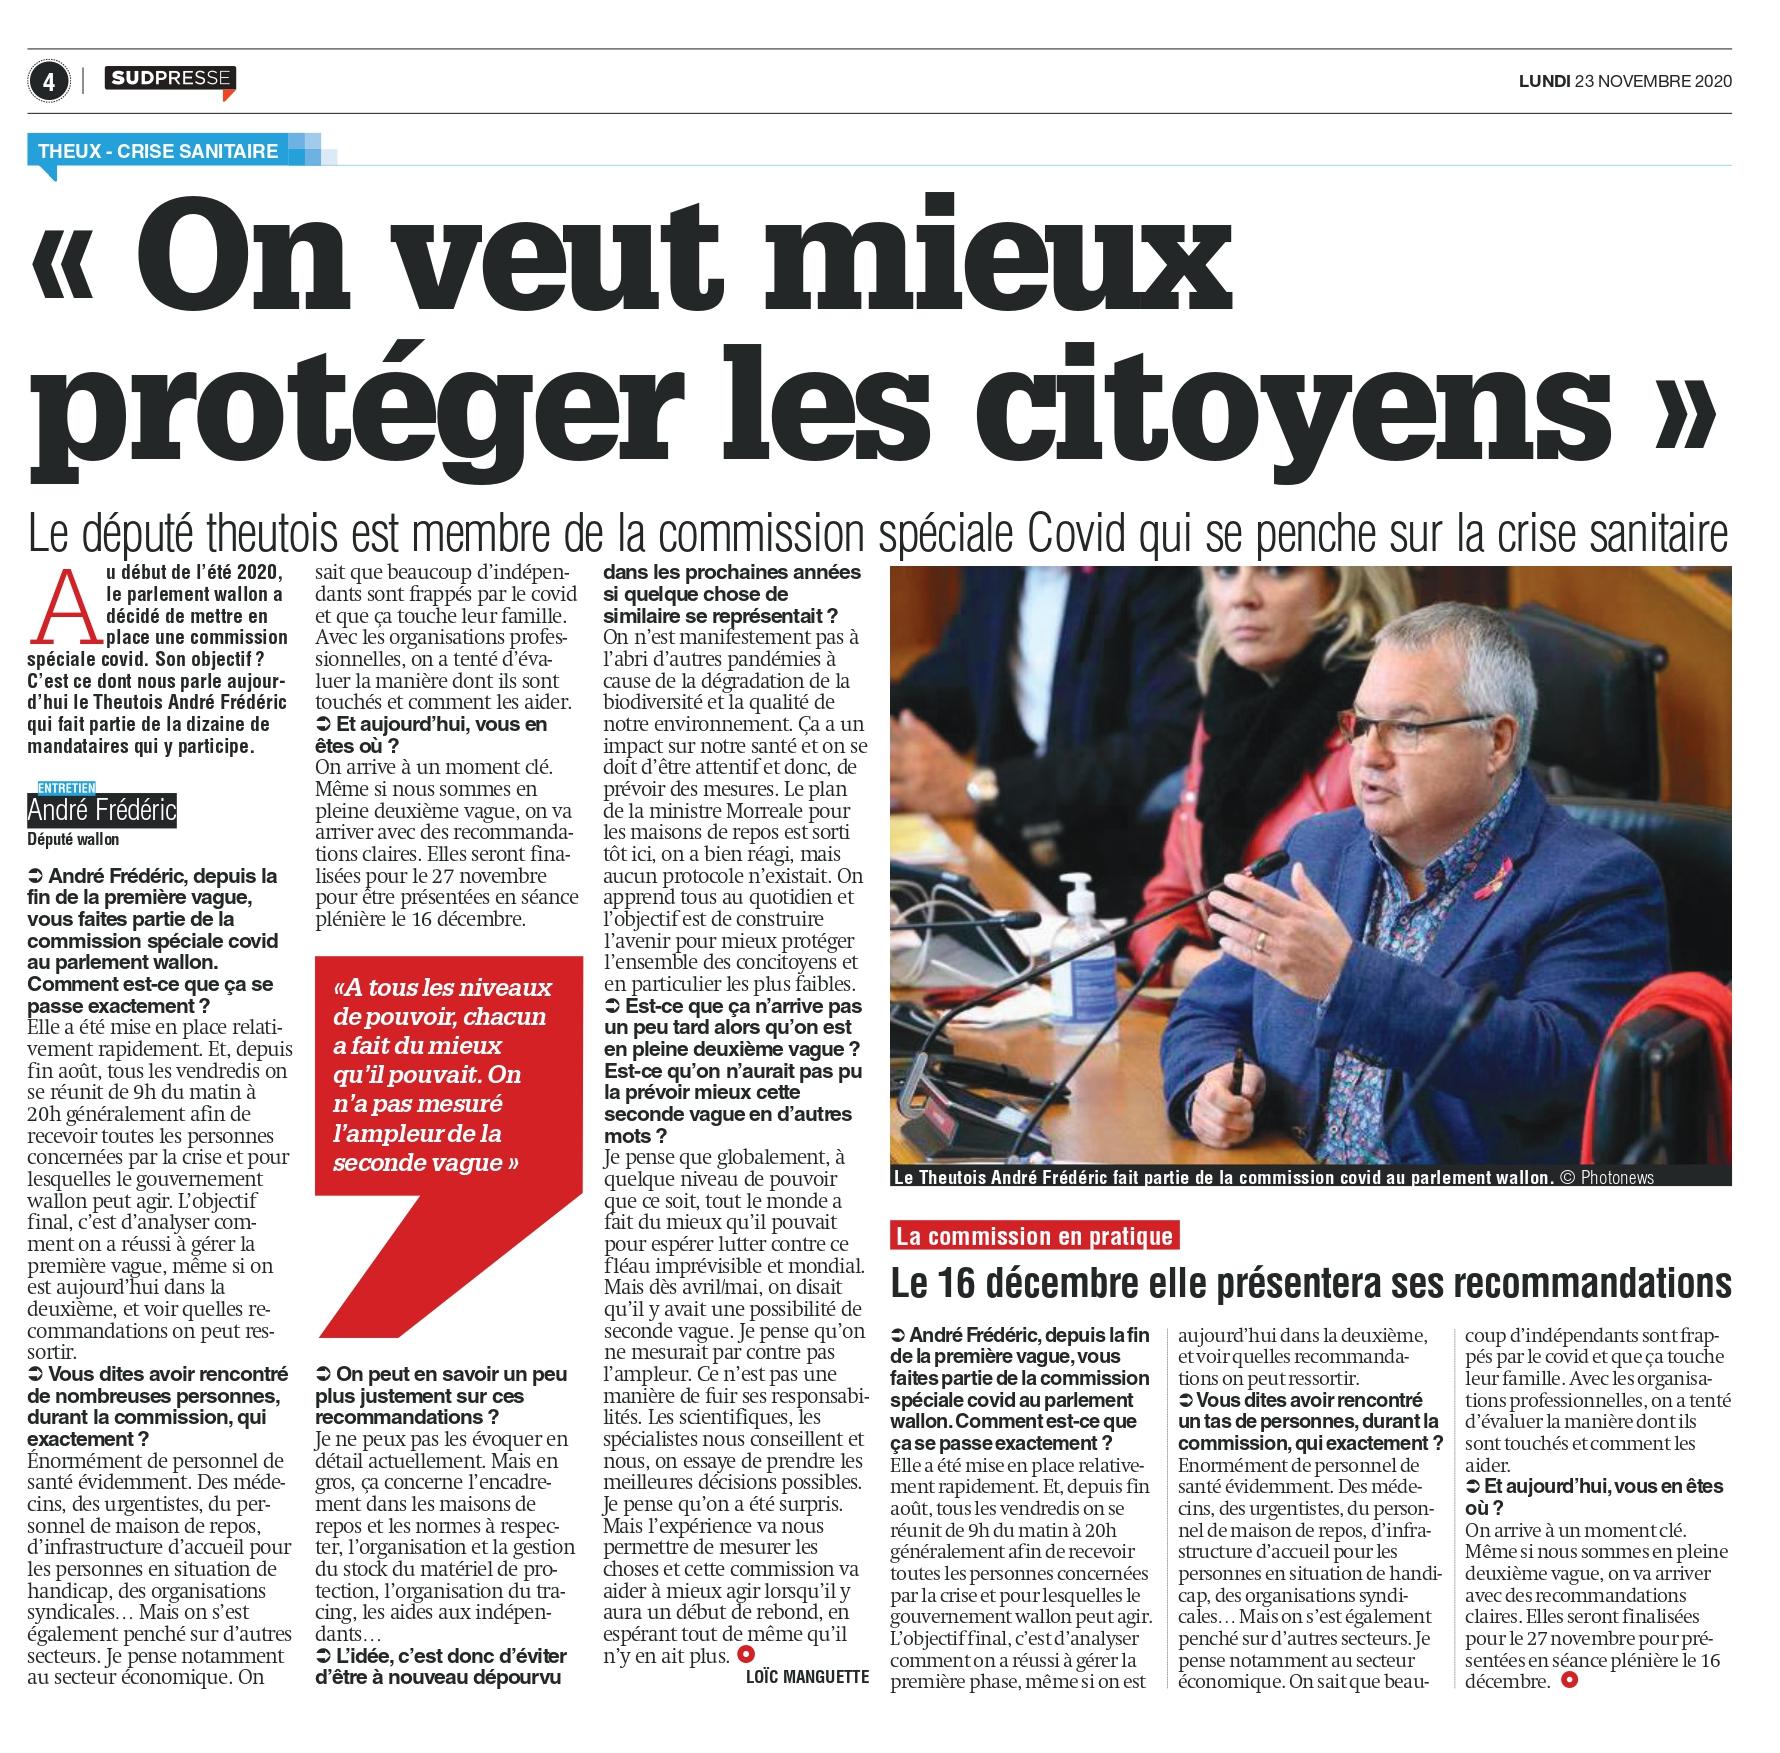 presse du 23 11 20 - Sudpresse